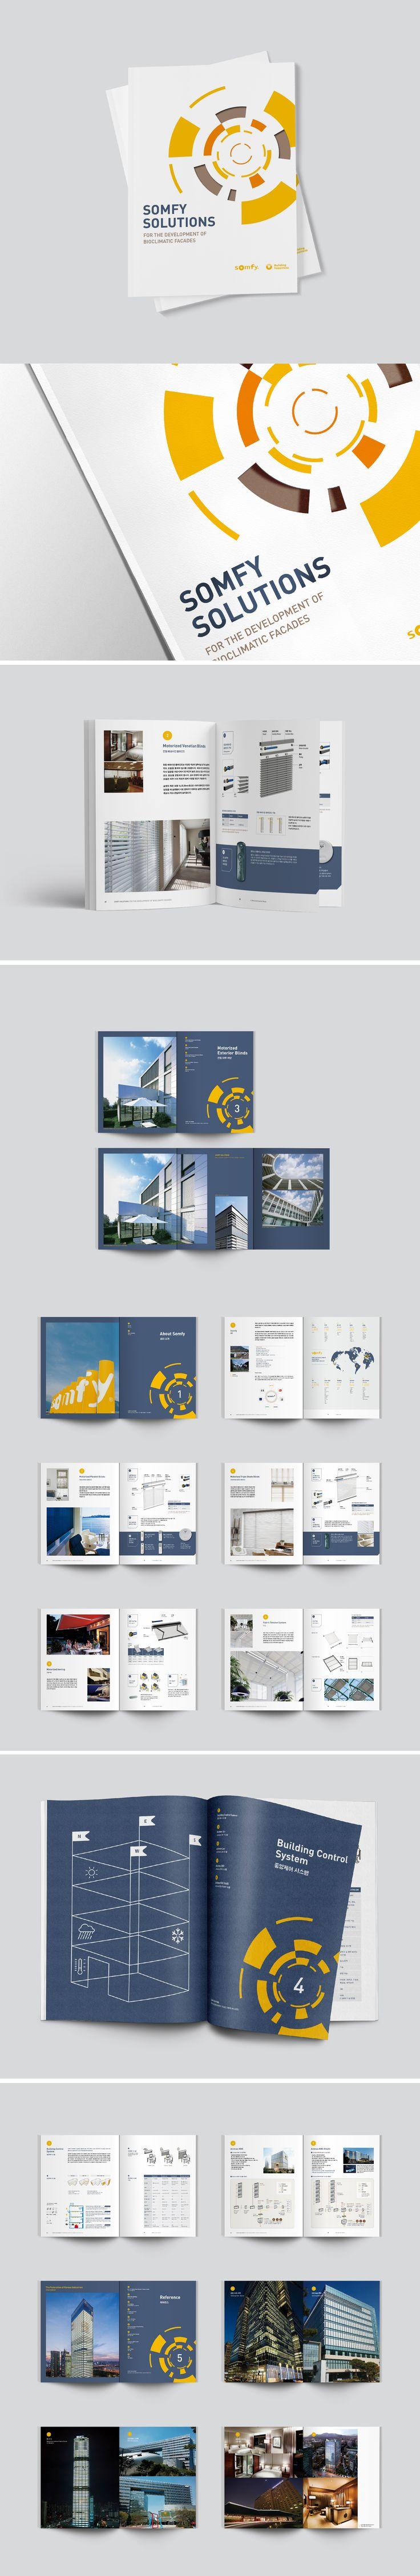 어뮤즈랩(AmuseLab), 솜피, SOMFY, 편집디자인, 회사소개서, 브로슈어 , editorial design